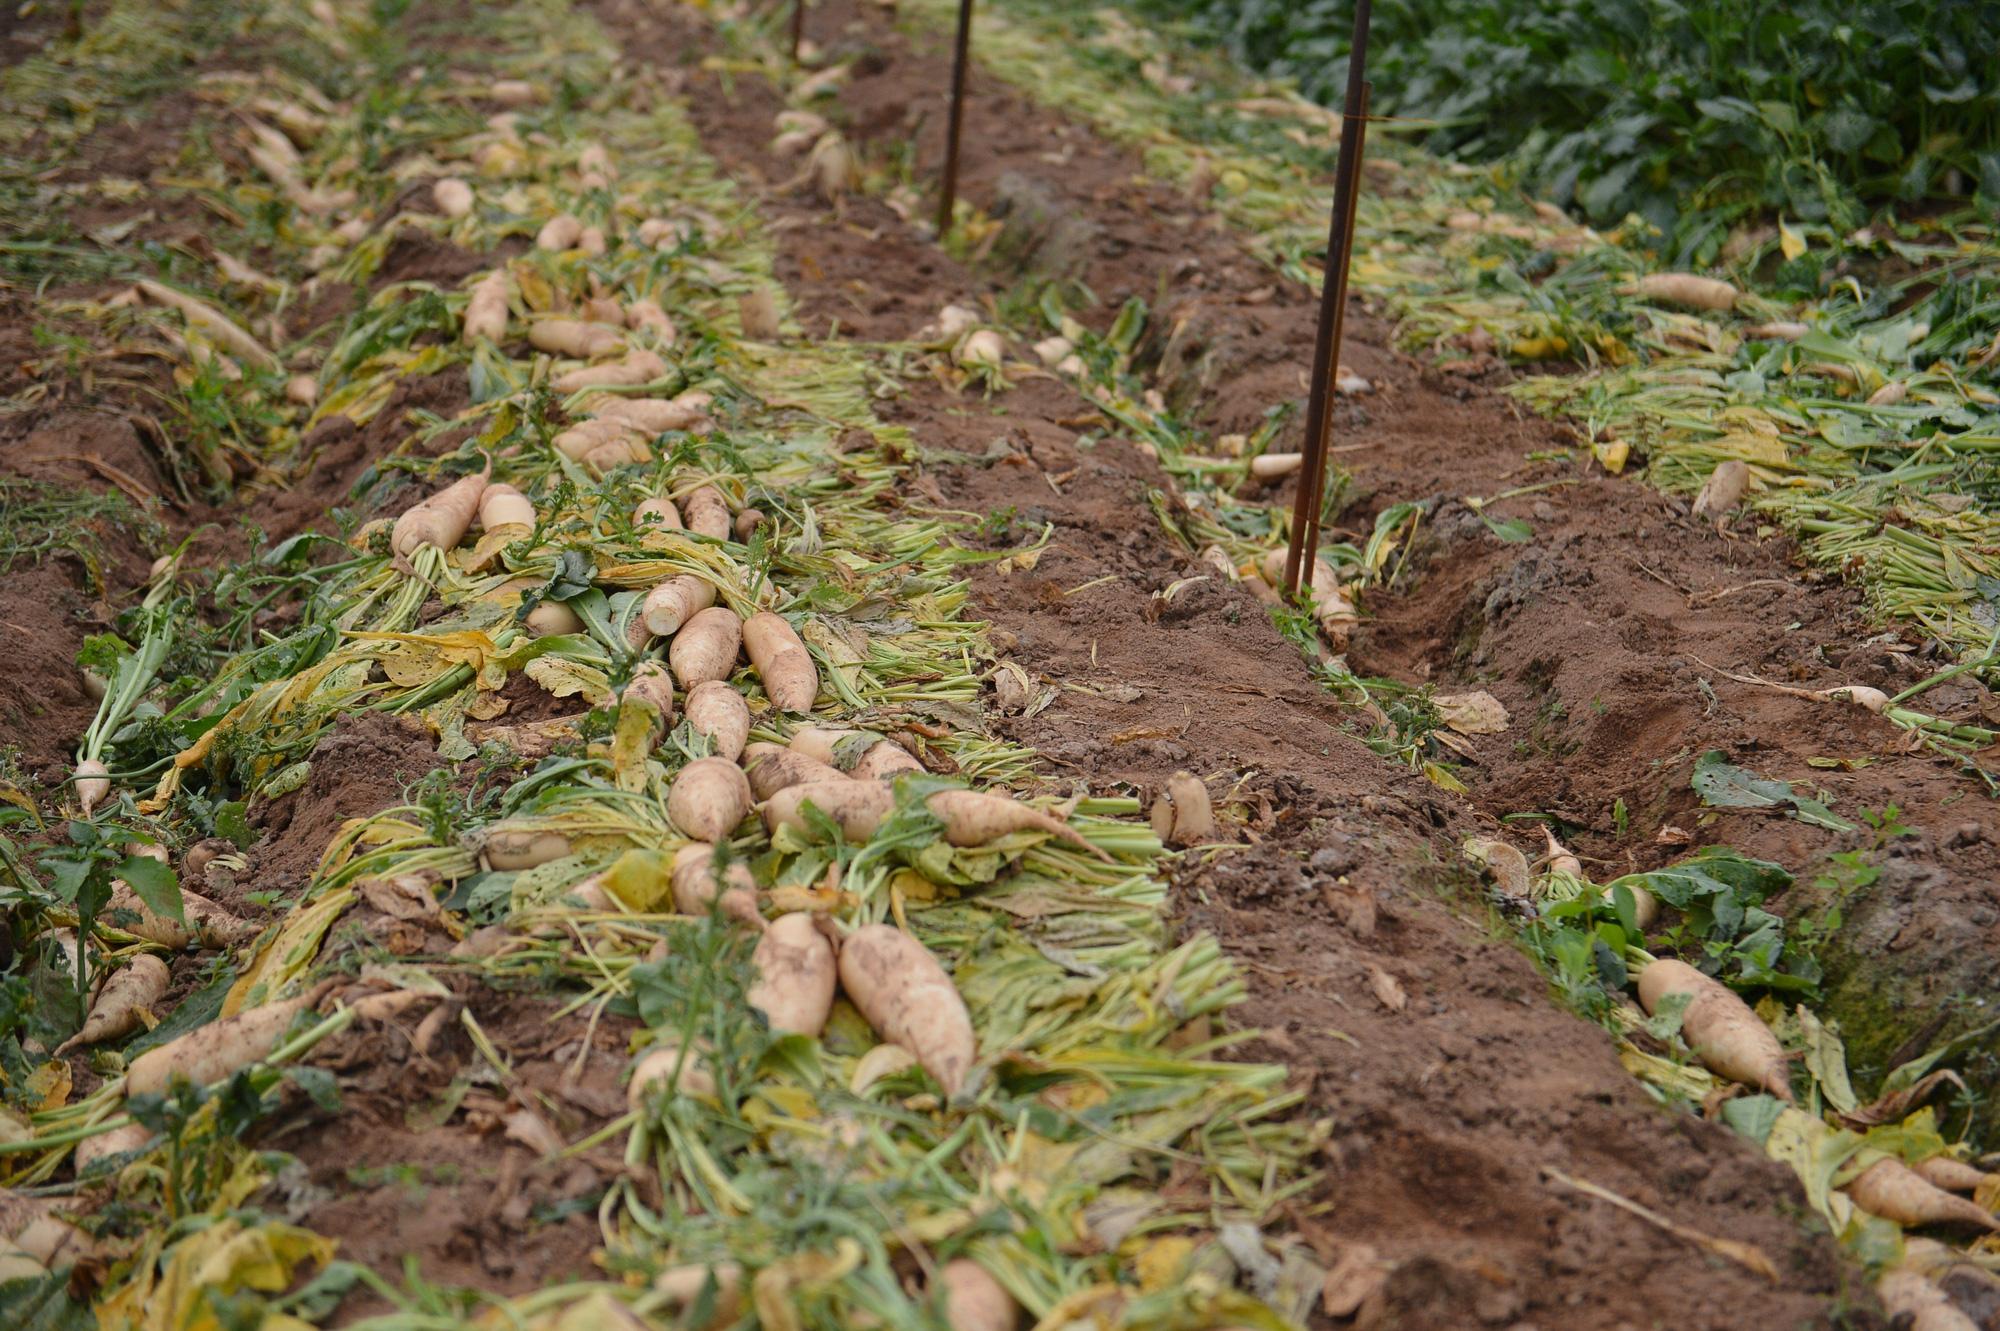 Sau Hải Dương, hàng trăm tấn củ cải ở Hà Nội rớt giá, người dân phải nhổ bỏ vì bán không ai mua - Ảnh 5.